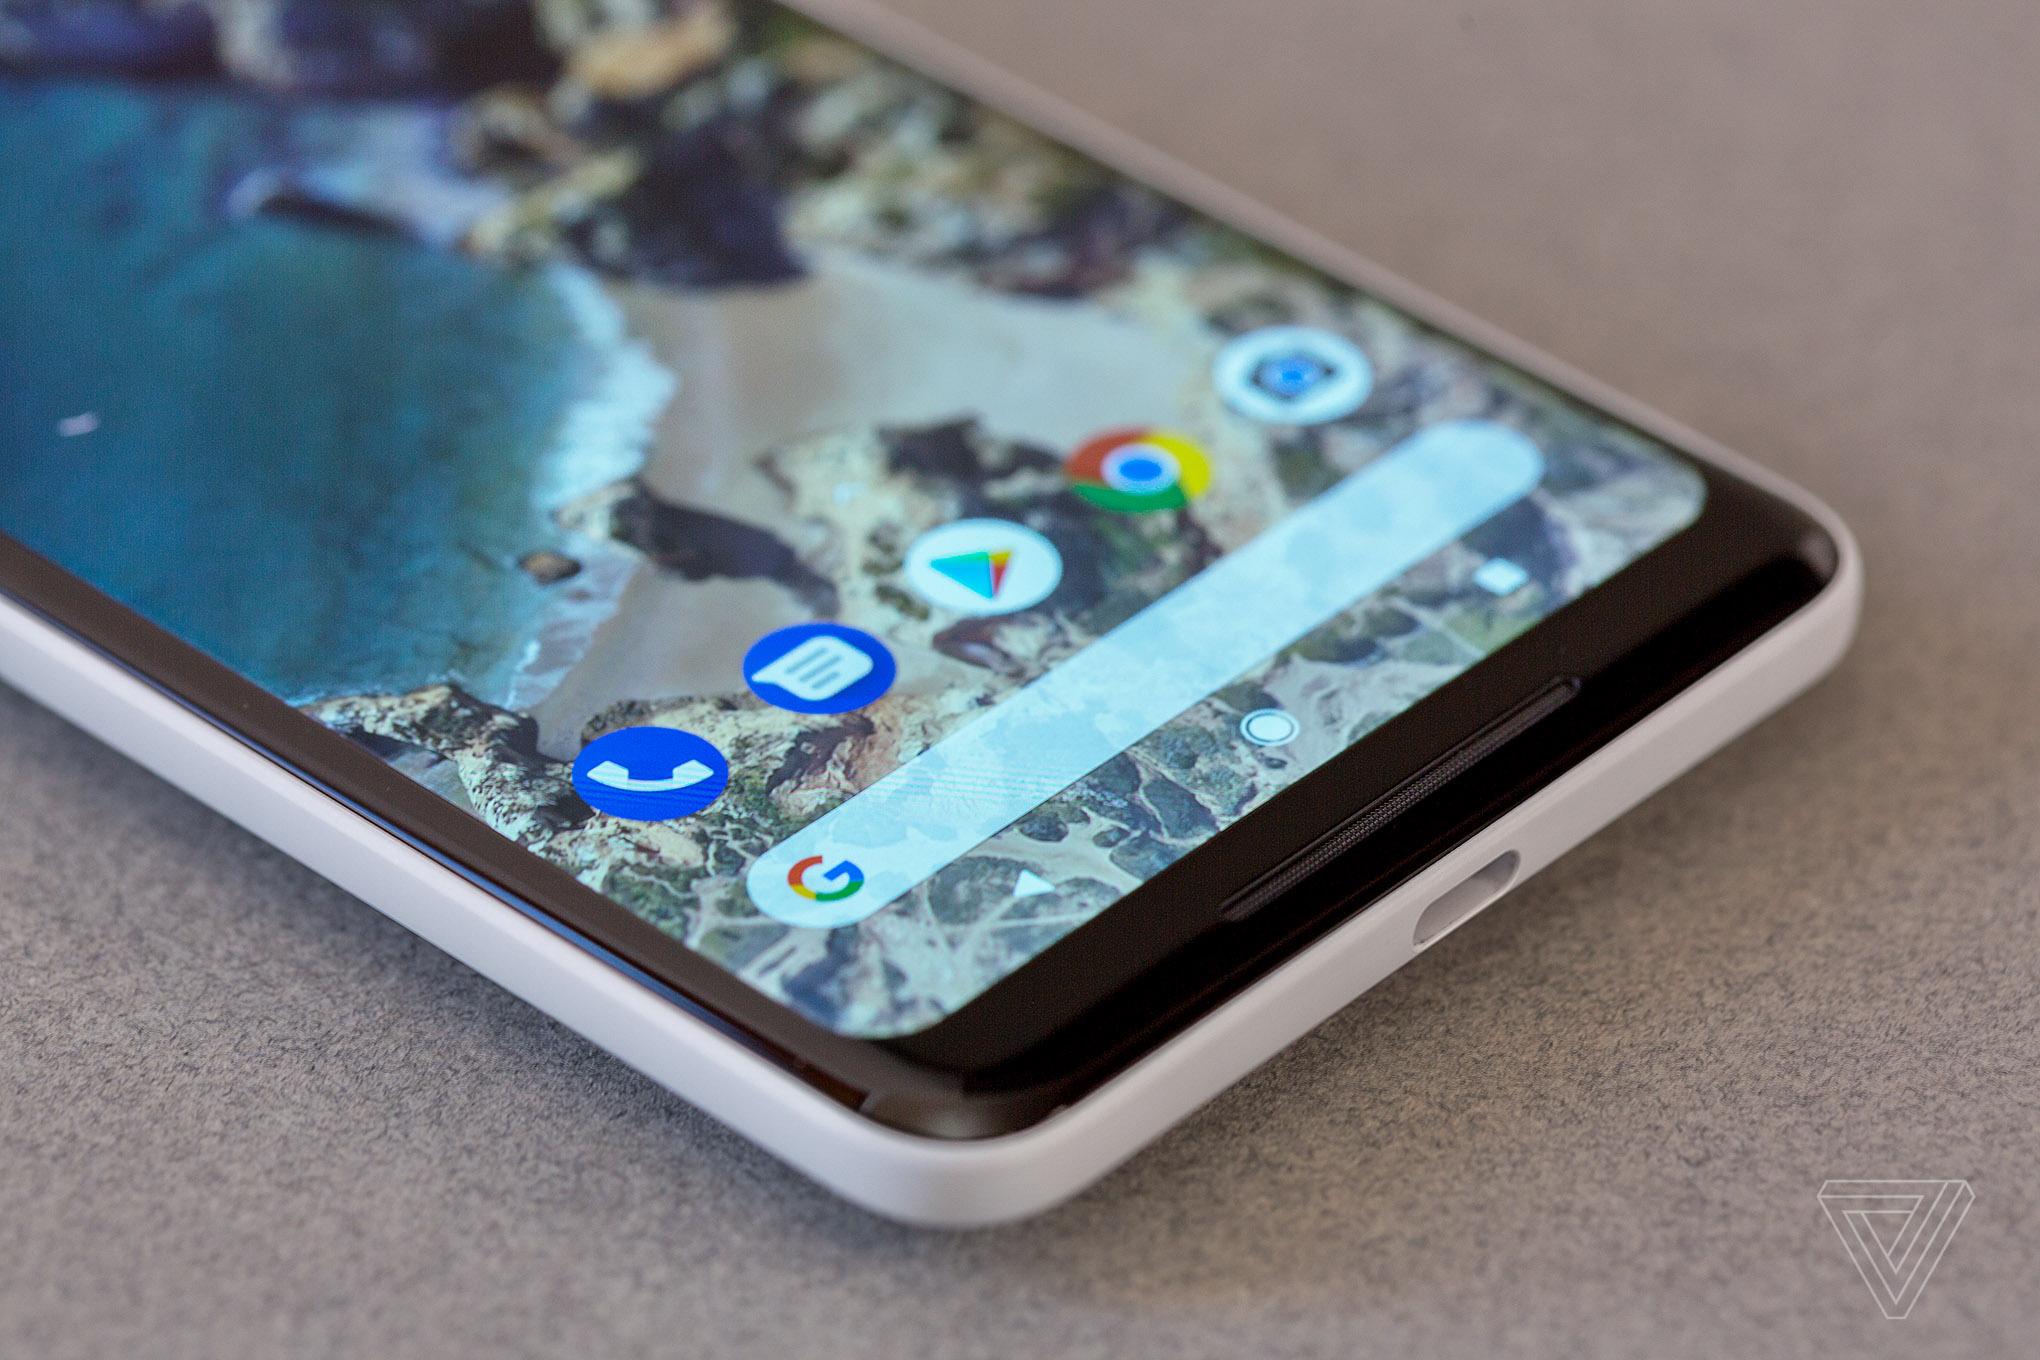 Made for Google presenta el nuevo smartphone Pixel 2